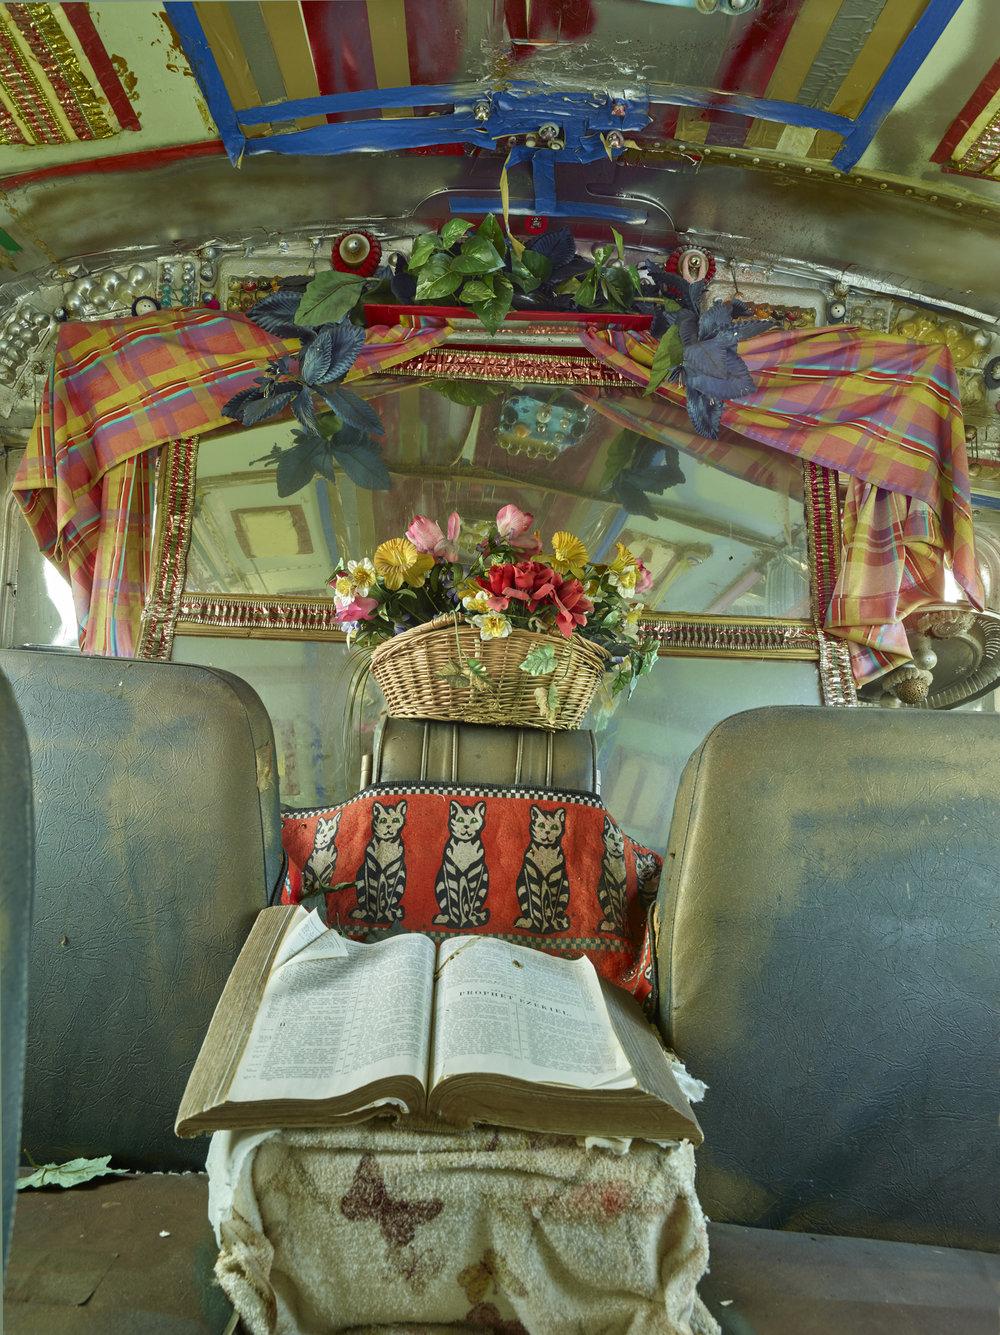 Preacher's Bus